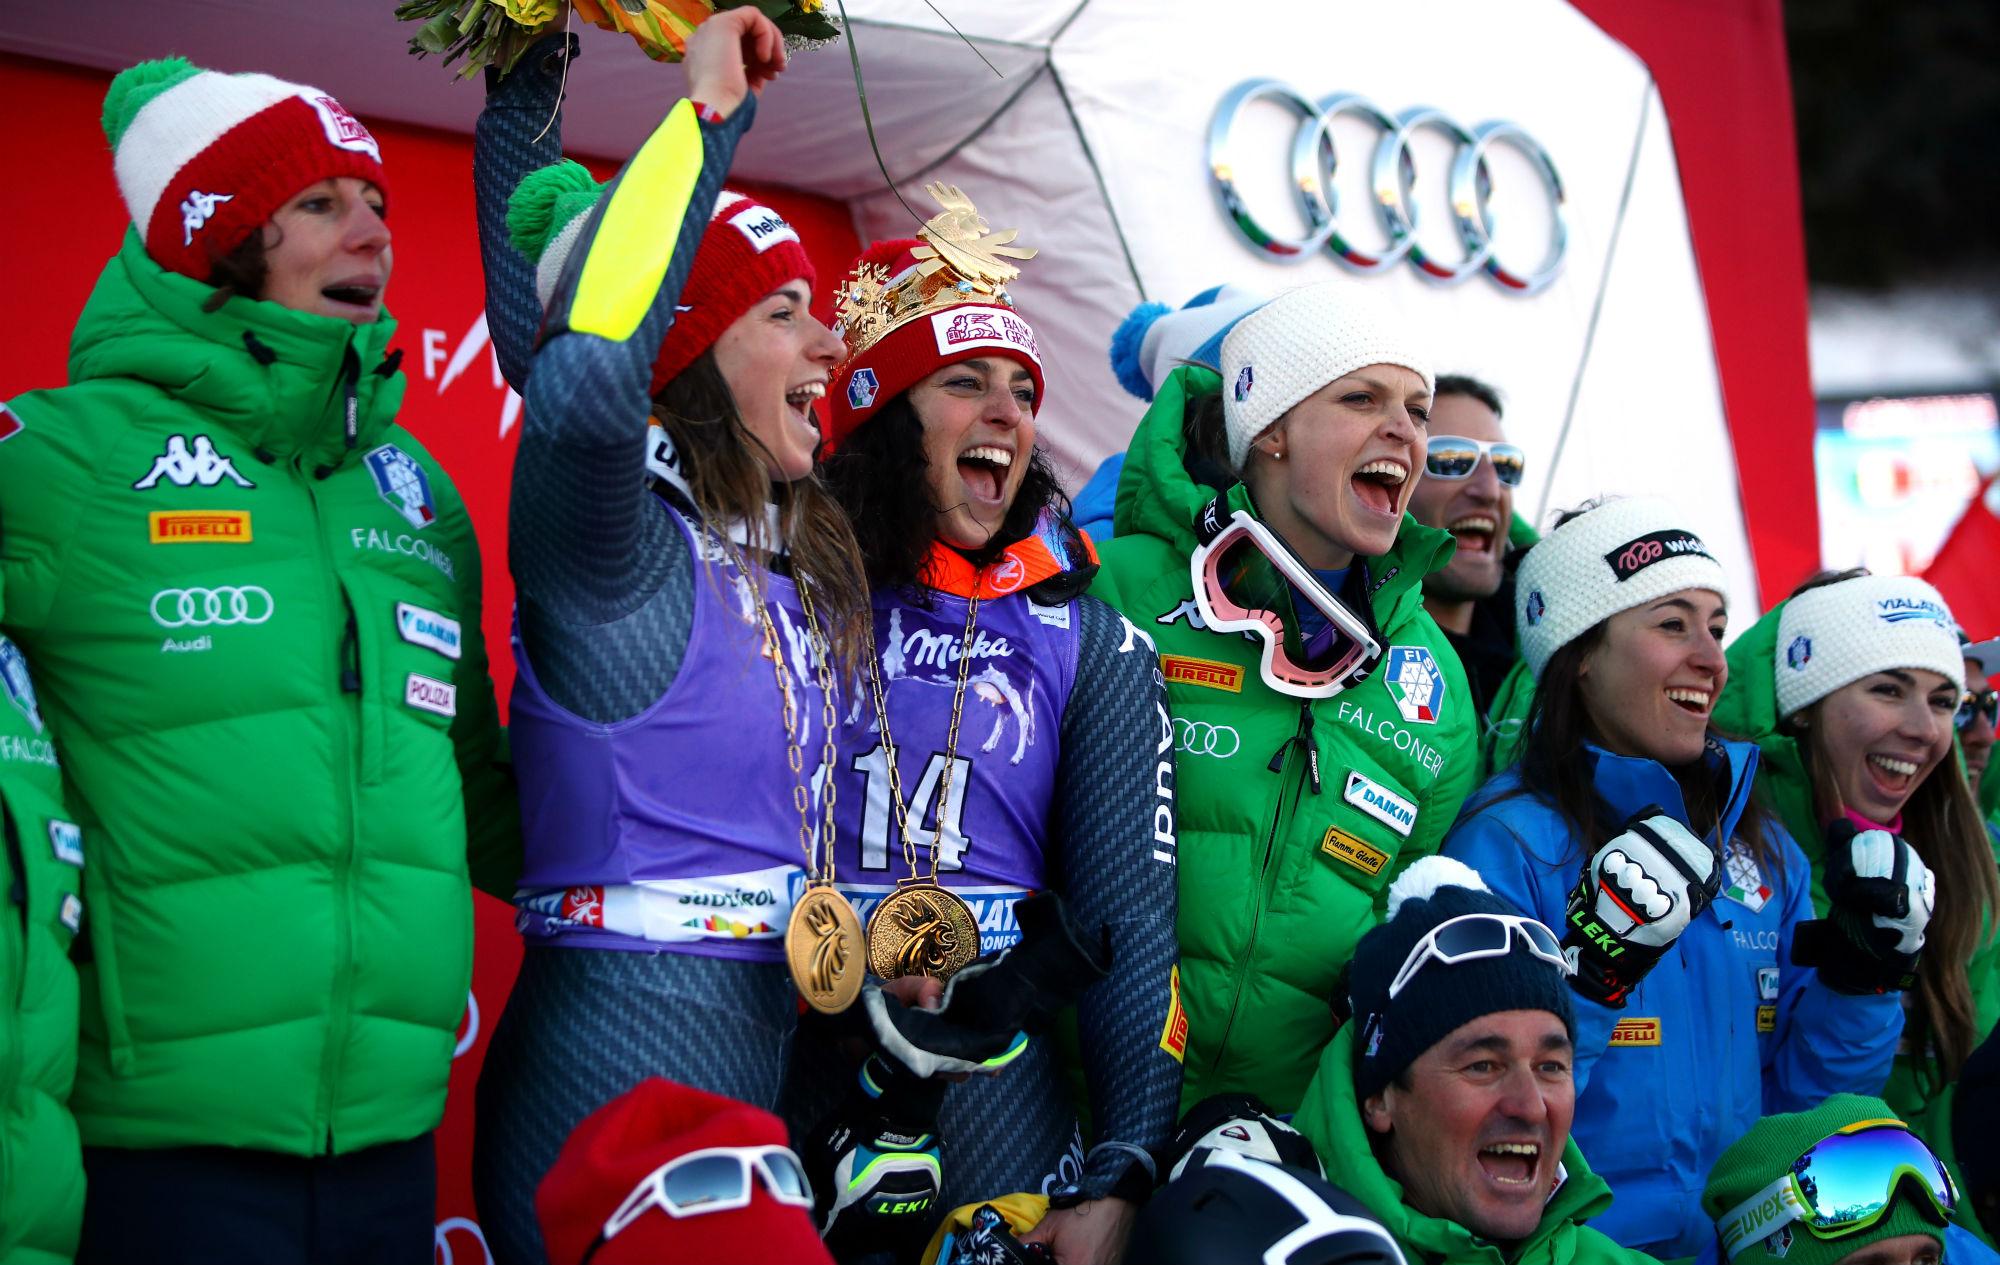 Costazza, Bassino, Brignone, Moelgg, Goggia e Marsaglia sul podio con il dt Guadagnini (@Pentaphoto)